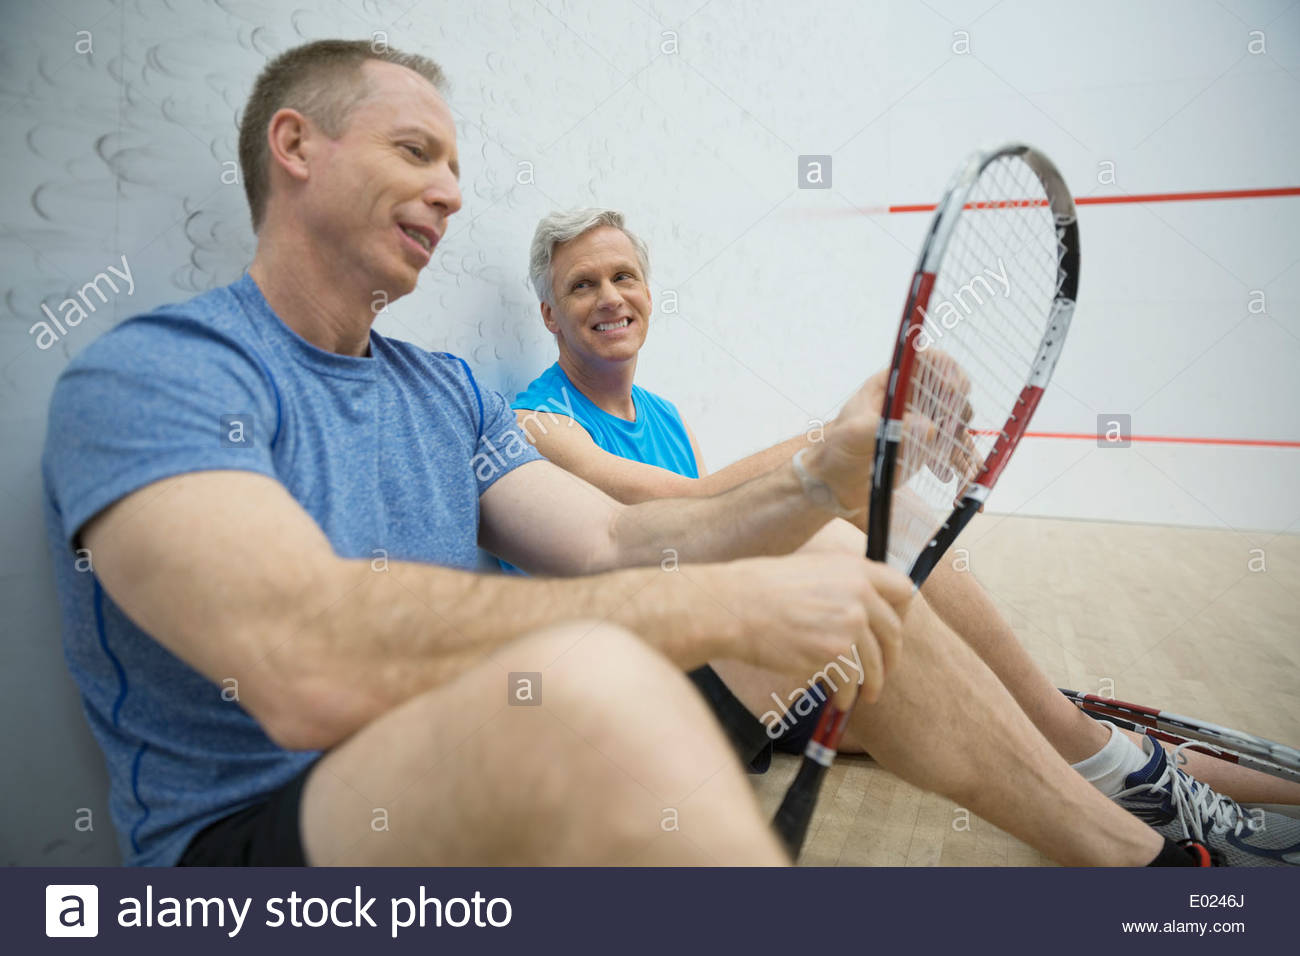 Hombres hablando sobre la cancha de squash Imagen De Stock